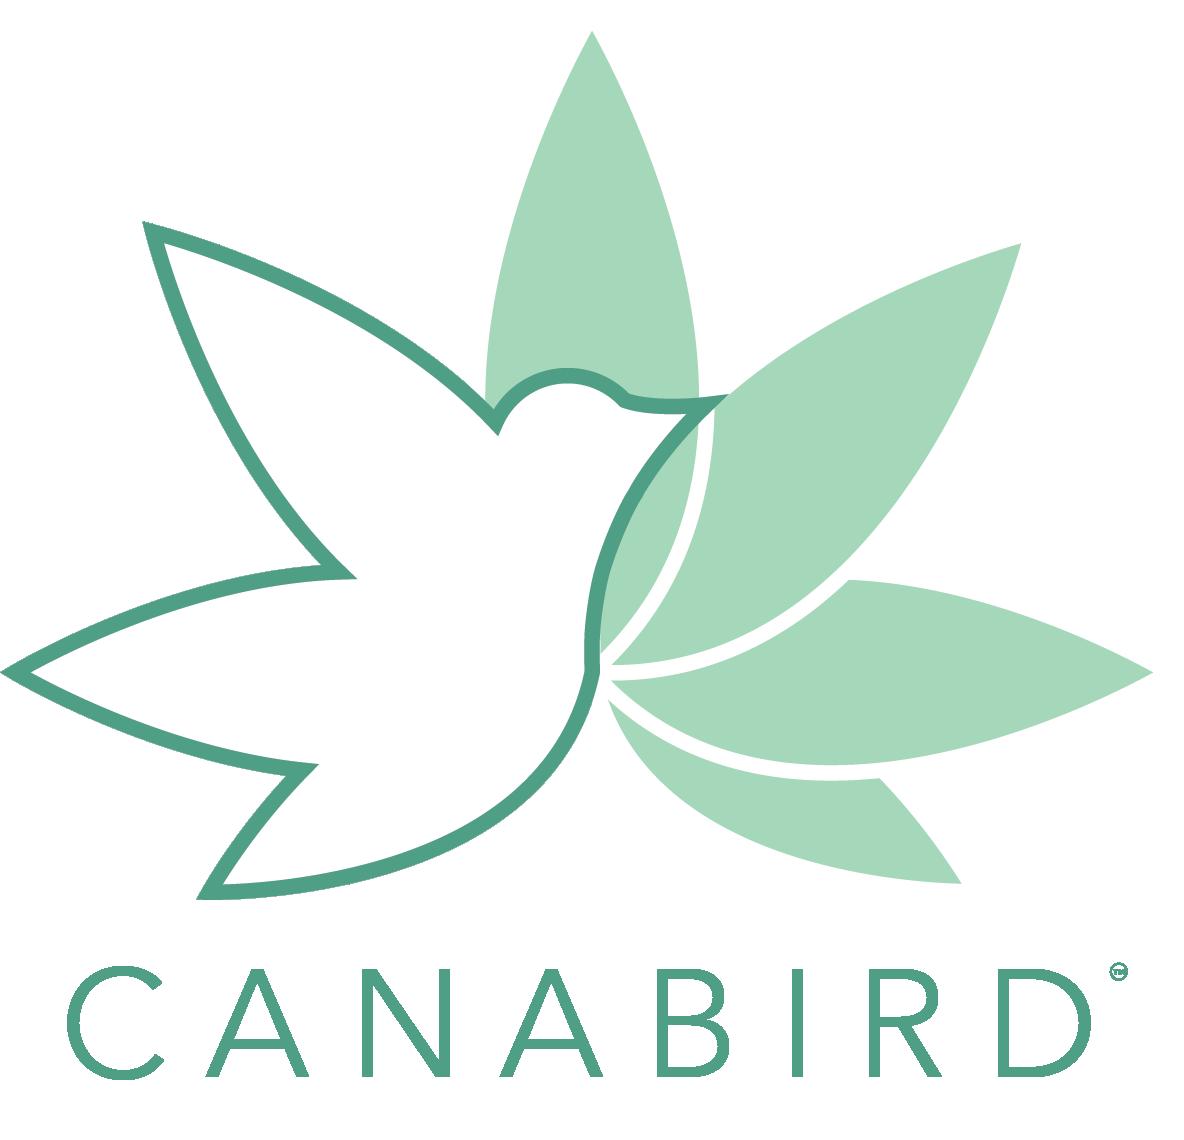 CANABIRD LOGOS-02.png